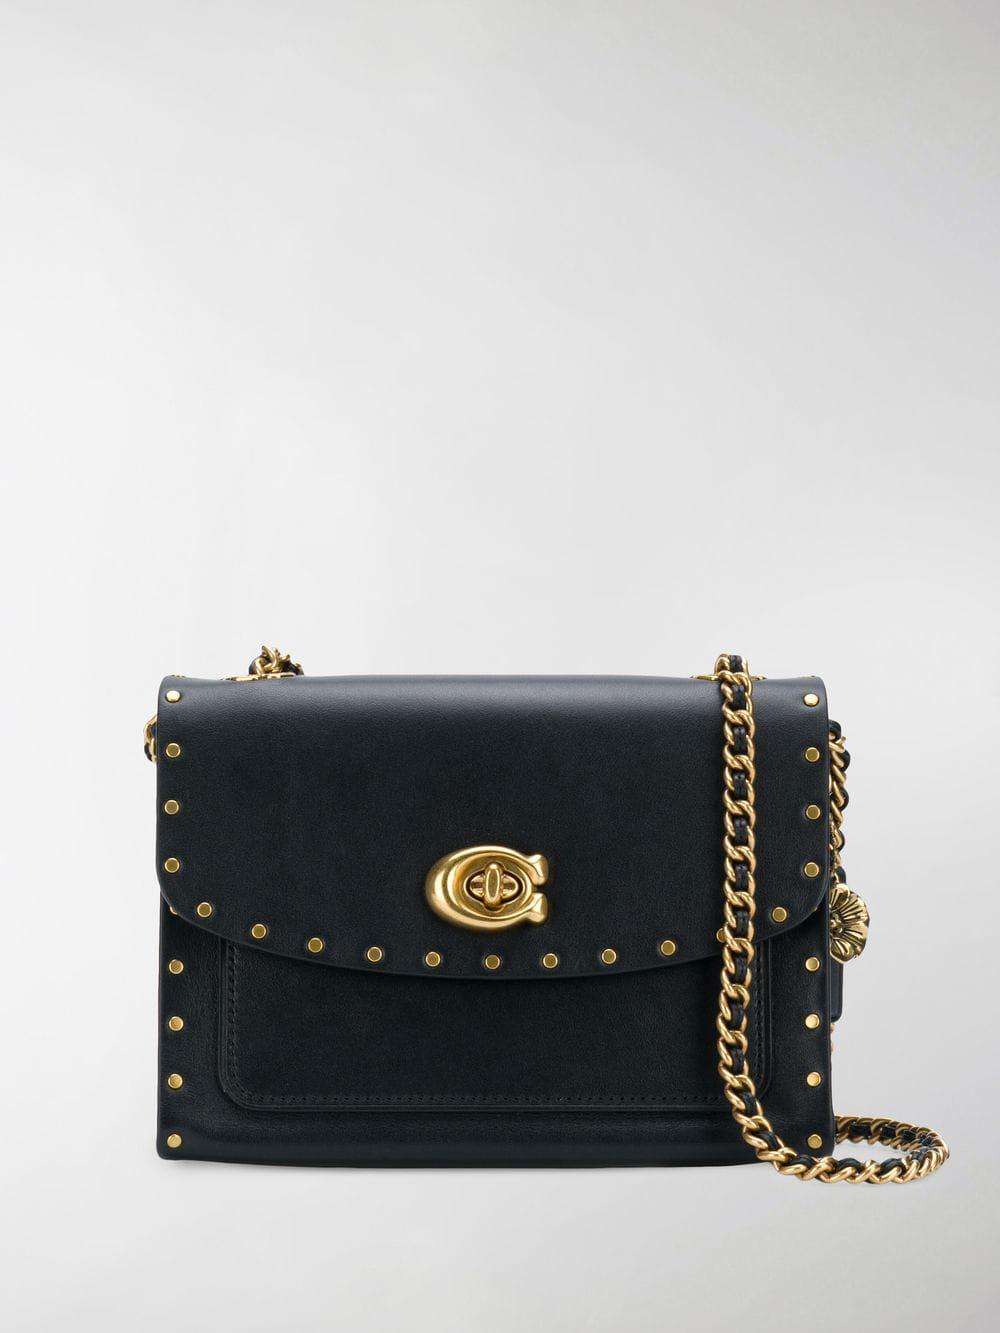 Lyst - COACH Parker Shoulder Bag in Black 319540653cf88